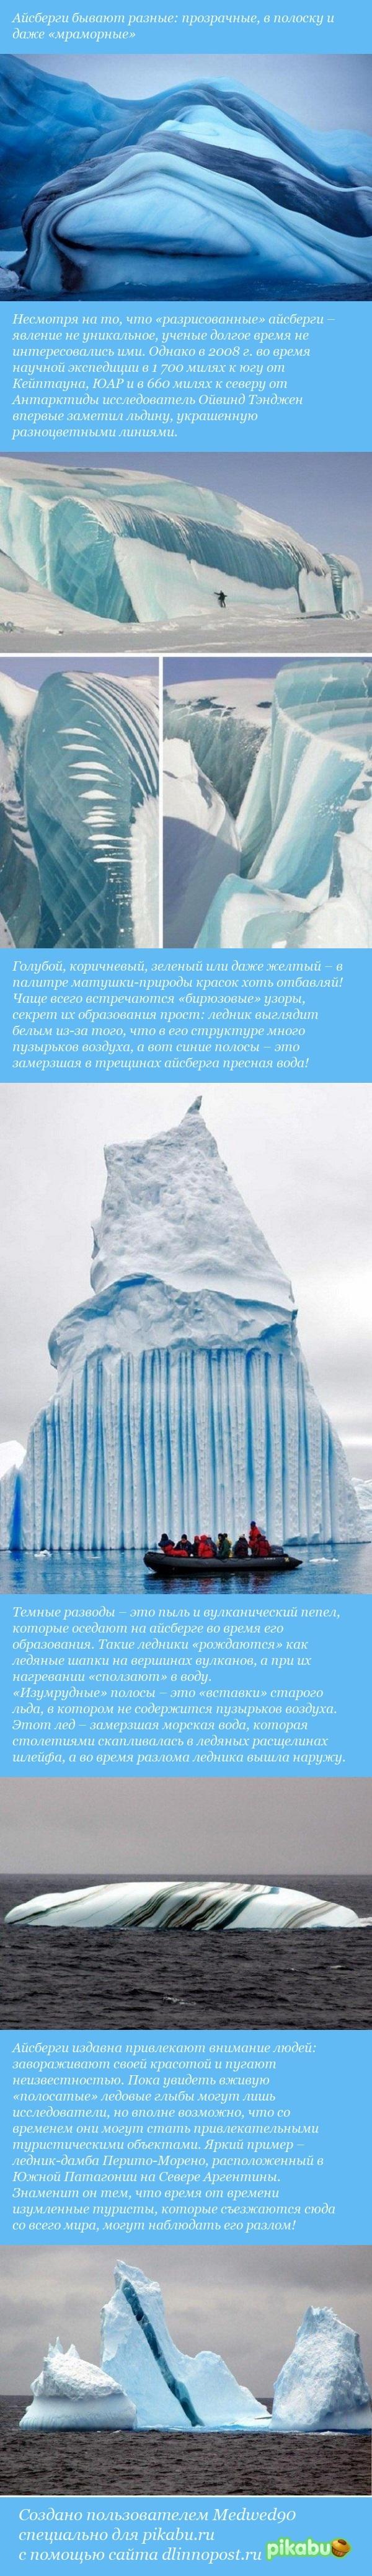 """""""Ледяной горою айсберг..."""" Оказывается, айсберги - это не всегда обычная белая глыба льда. Вот такую красоту создает матушка-природа! Айсберг, Природа, Красота, Необычное, Интернет, Длиннопост"""